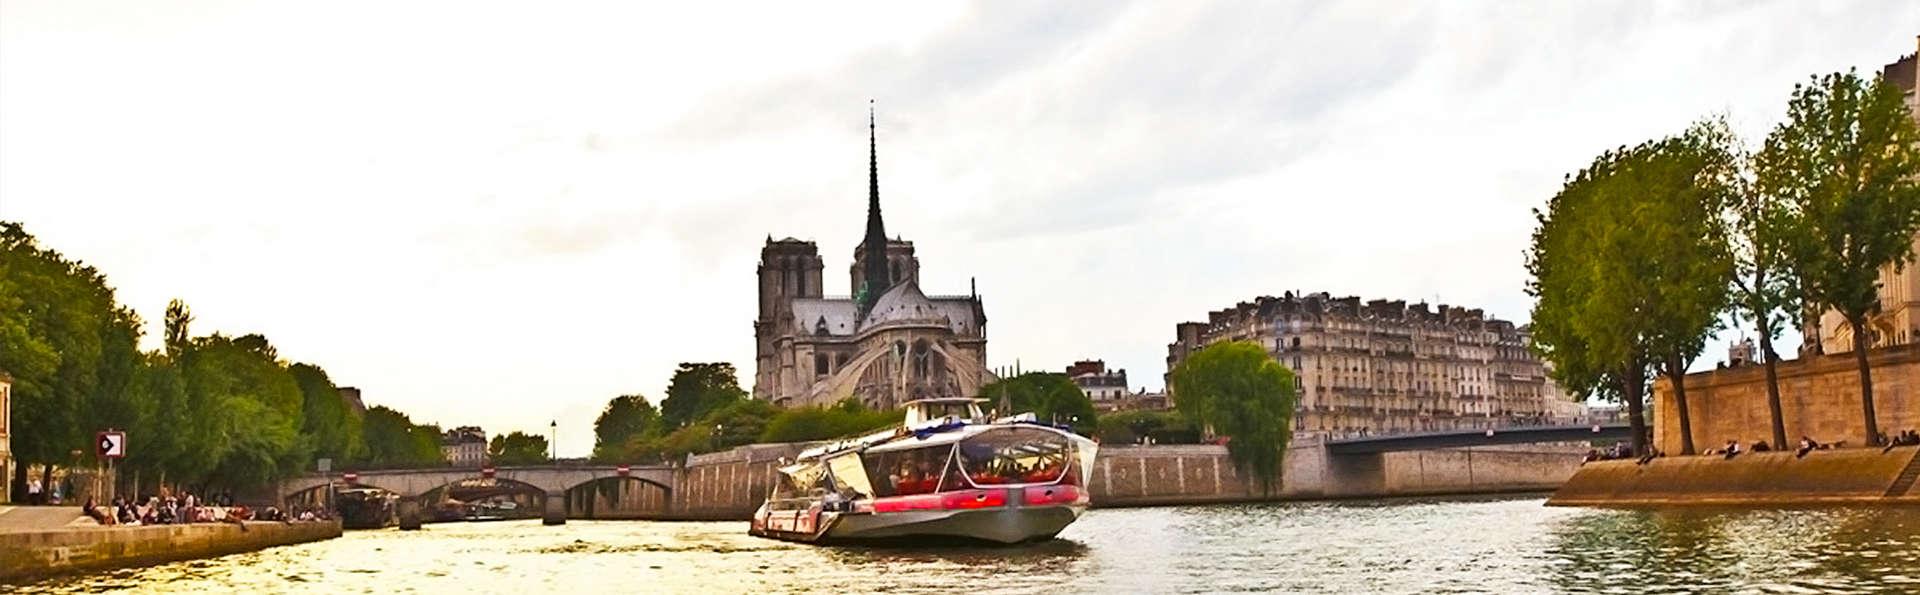 Week-end à Paris et croisière sur la Seine